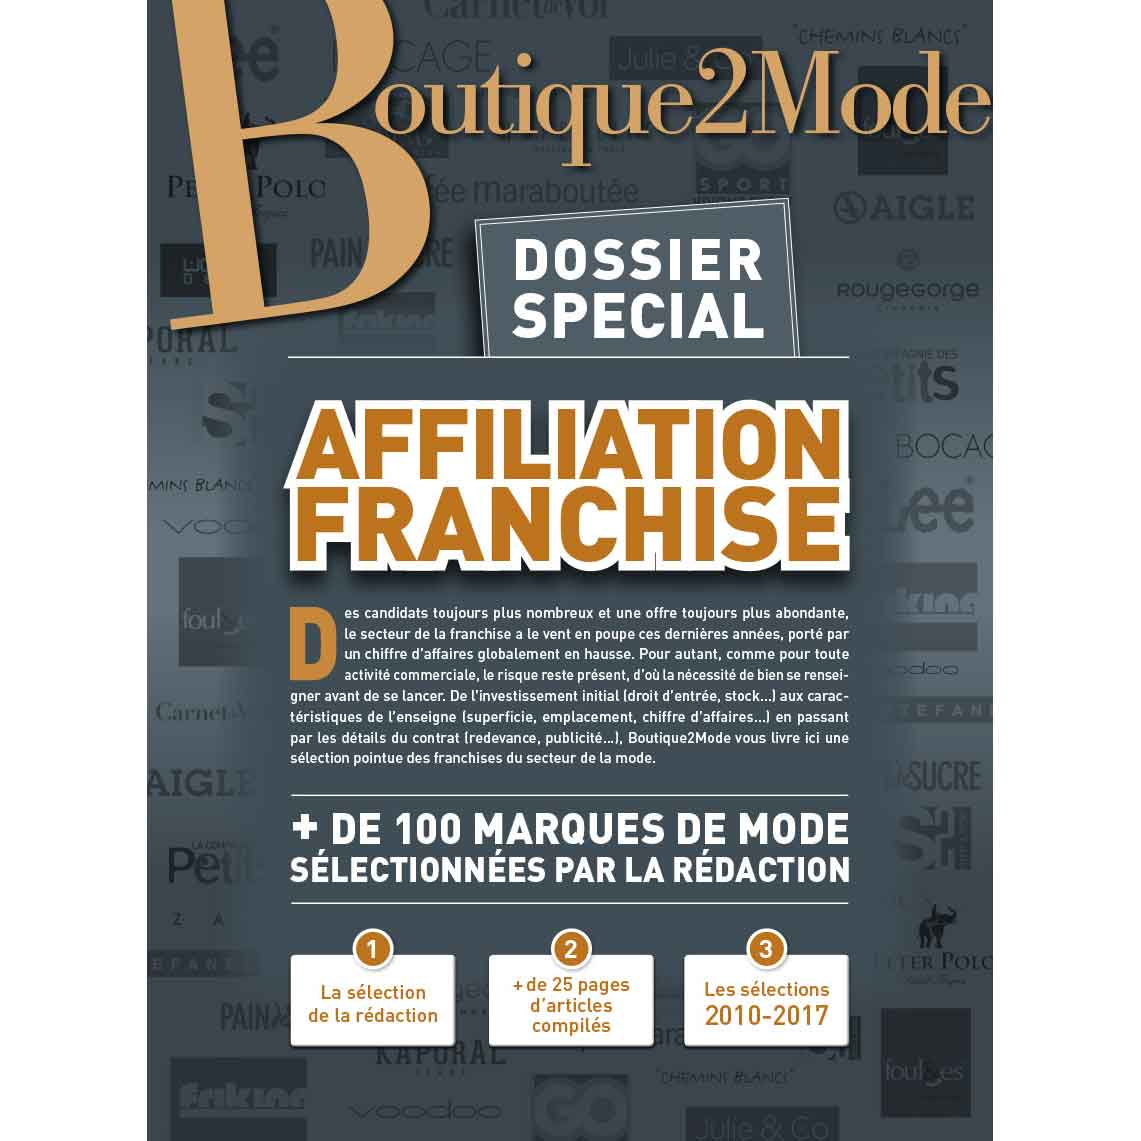 Dossier spécial Affiliation-franchise